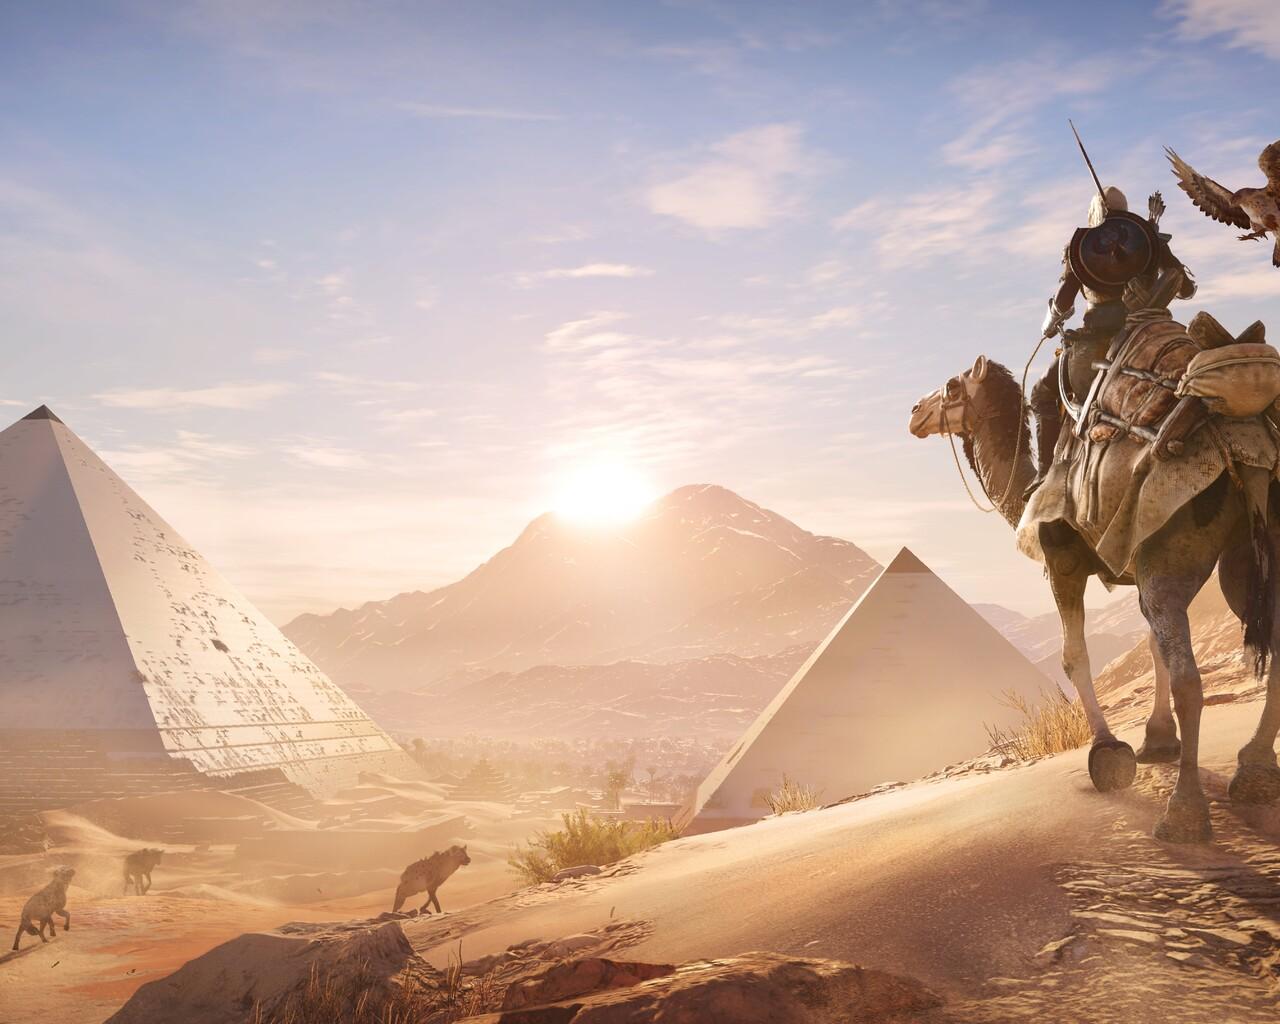 assassins-creed-origins-pyramids-e3-concept-art-6a.jpg